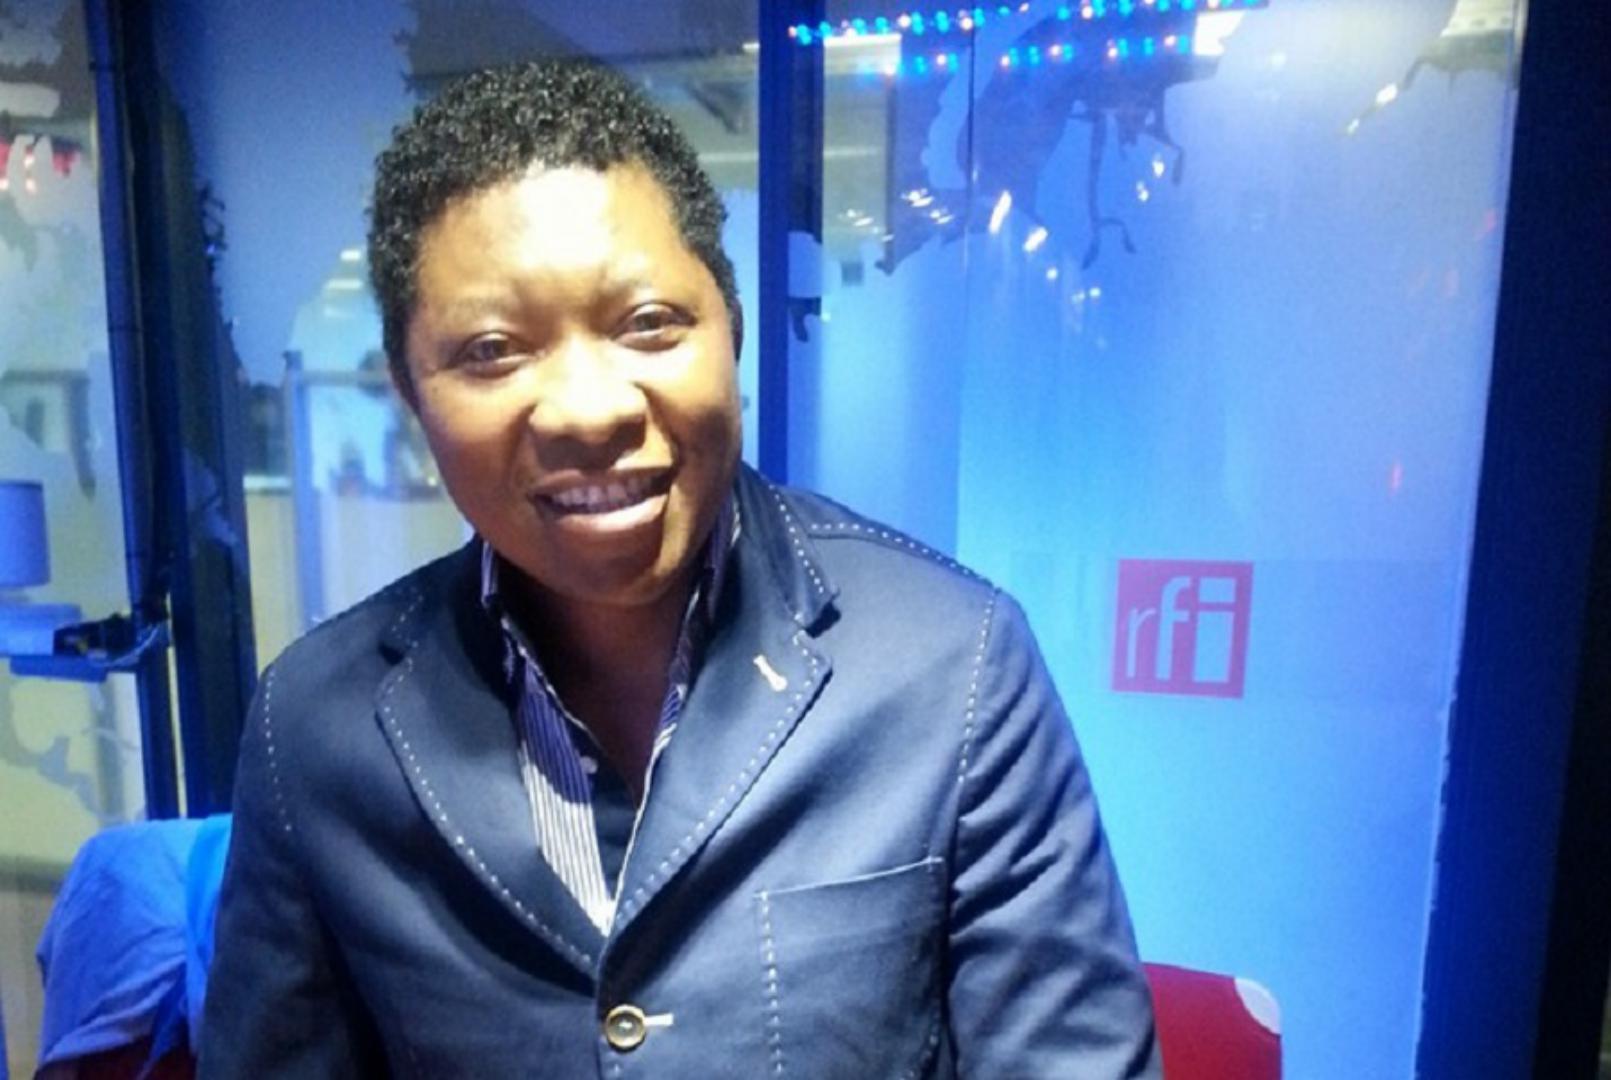 Manifestations de Genève : Pour Rémy Ngono, « La CRTV peut miauler mais c'est l'image [de paul Biya] qui est définitivement écornée »